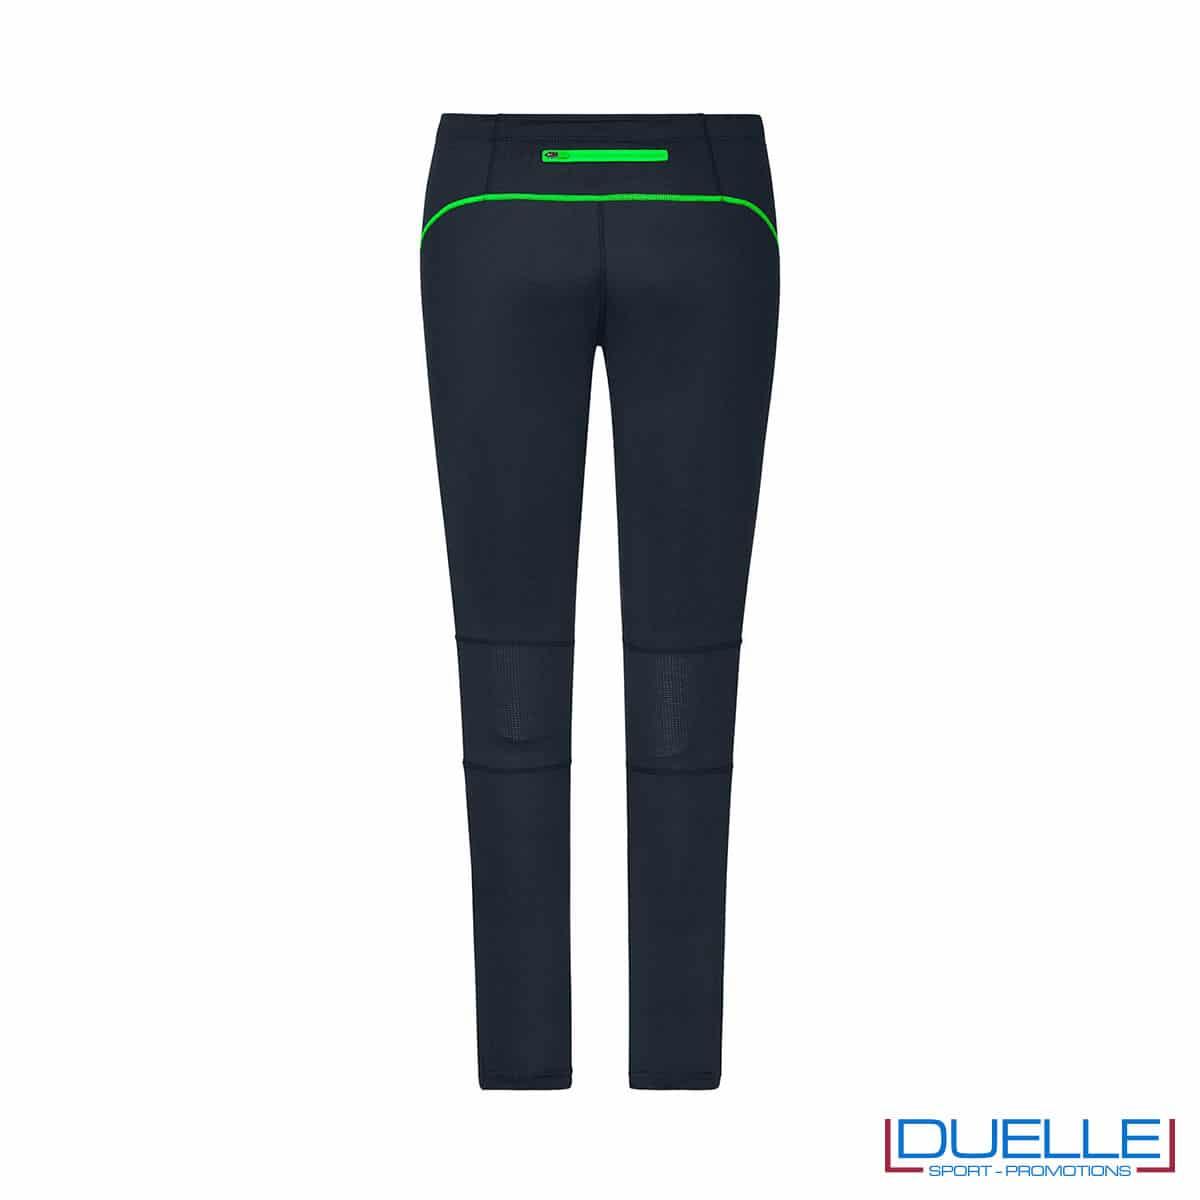 Retro pantaloni corsa donna antracite/verde personalizzati